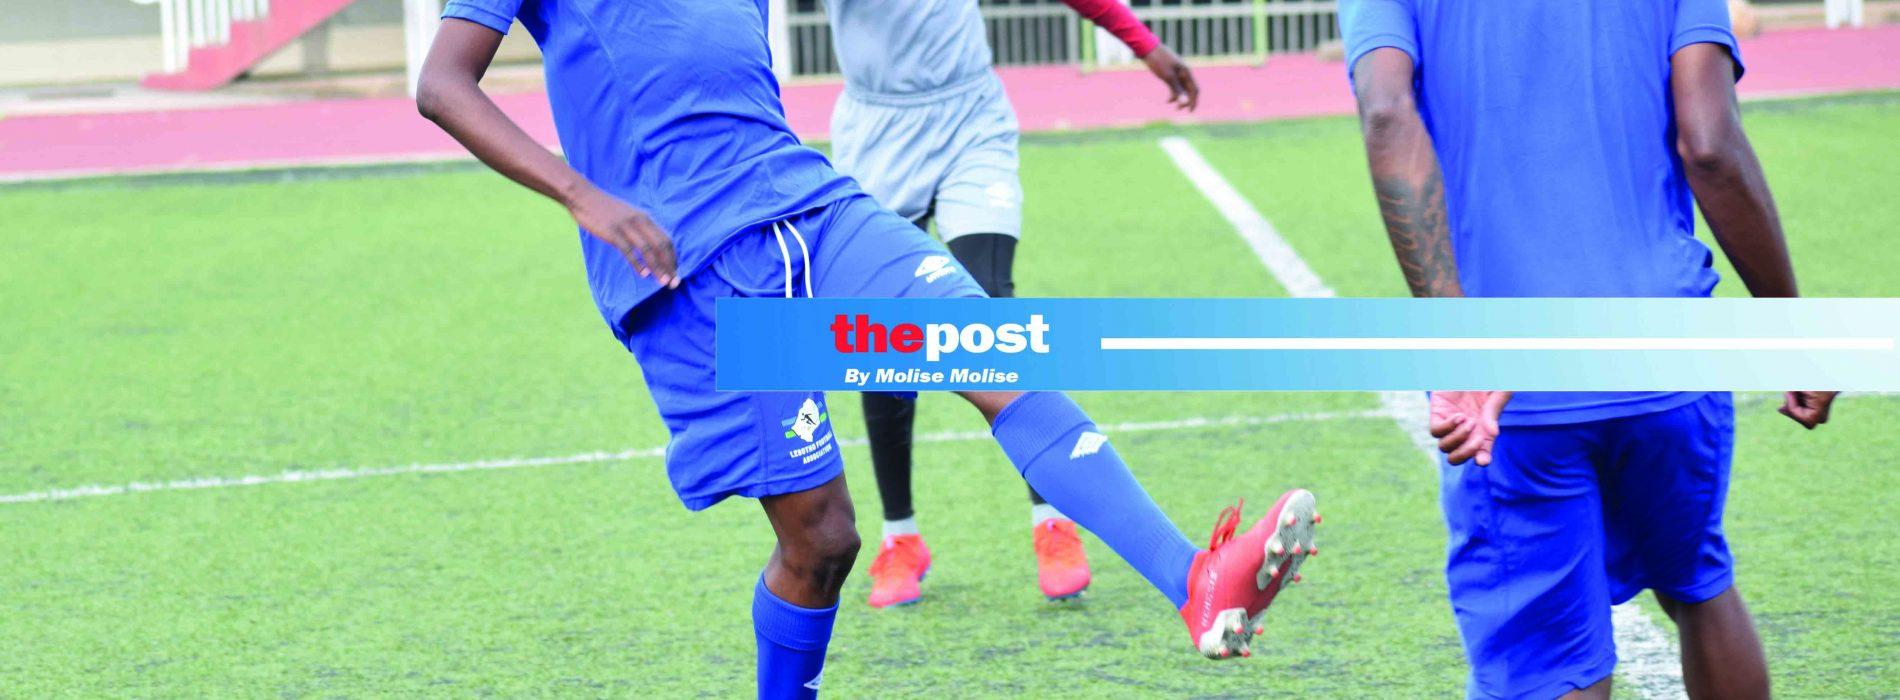 Matlama, Bantu tie postponed